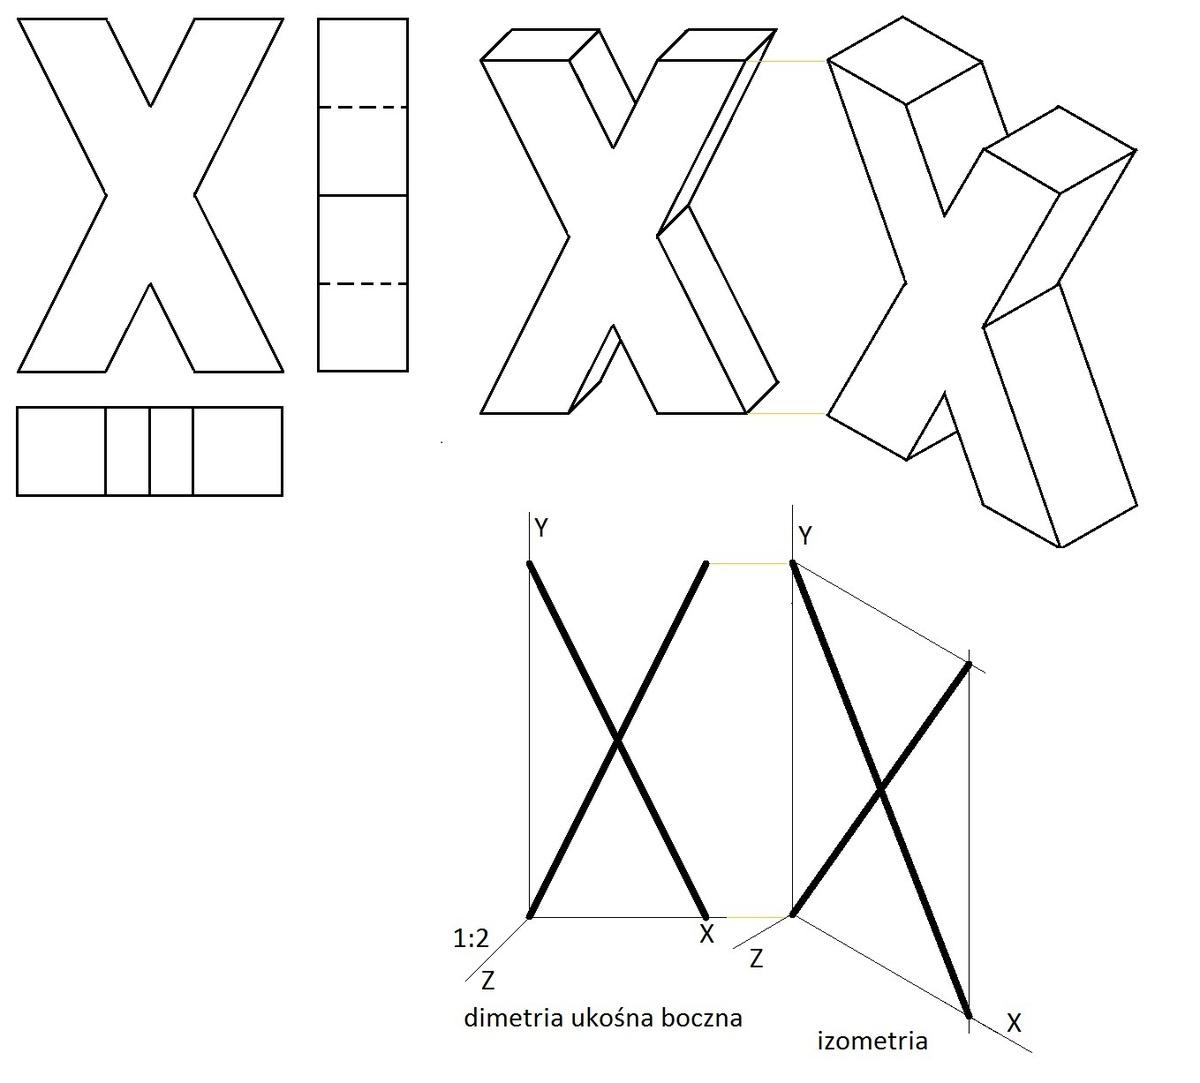 Przedstaw Literę X W Izometri I Dimetri Ukosnej Brainlypl